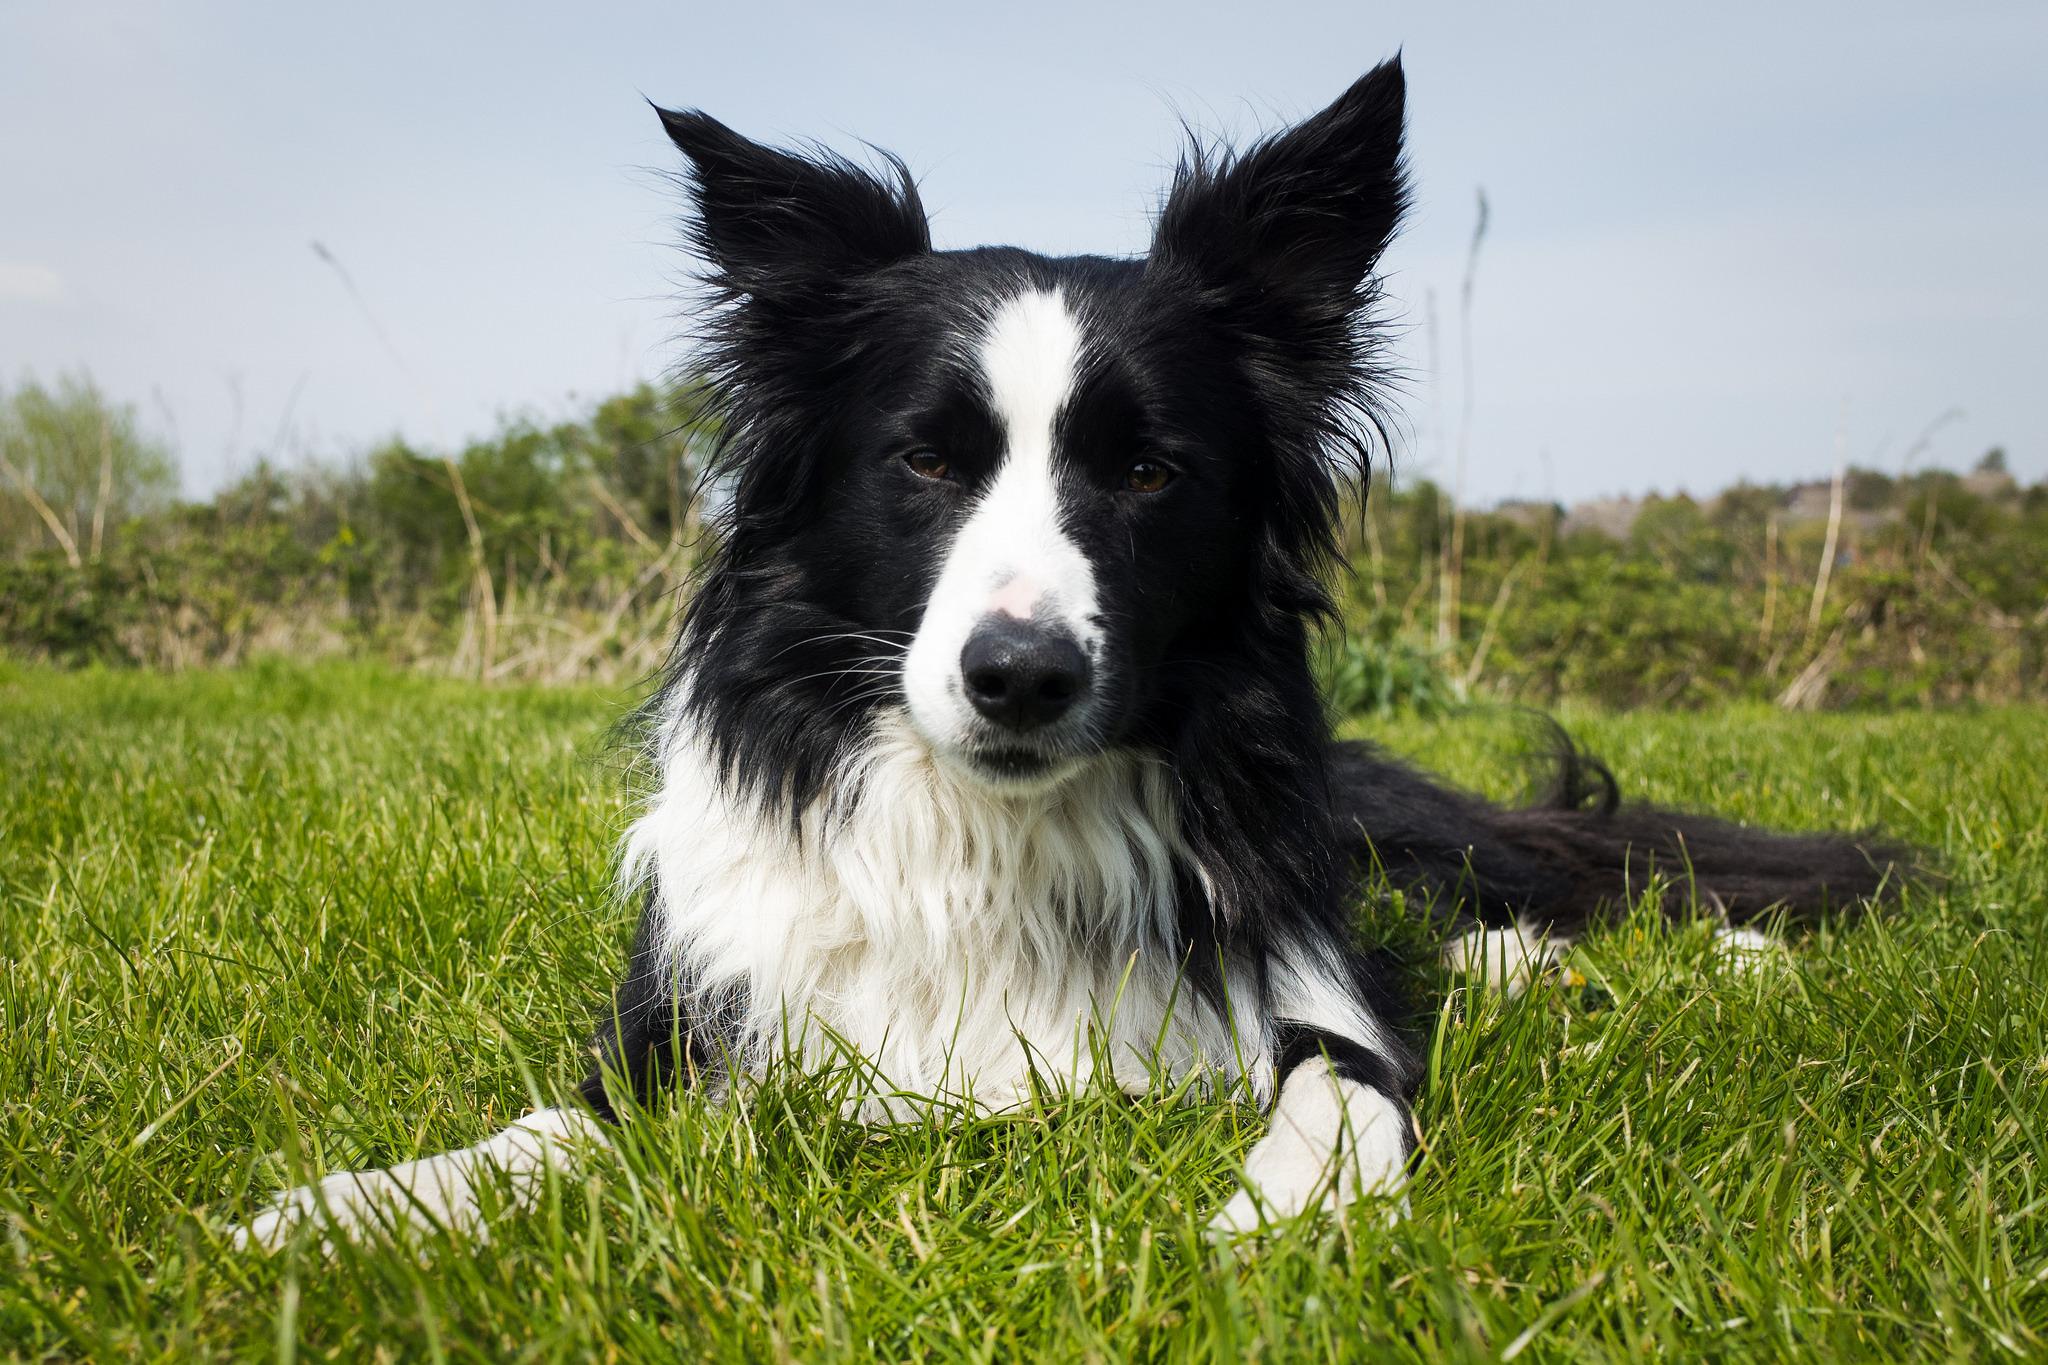 самые умные собаки с картинками статье узнаете